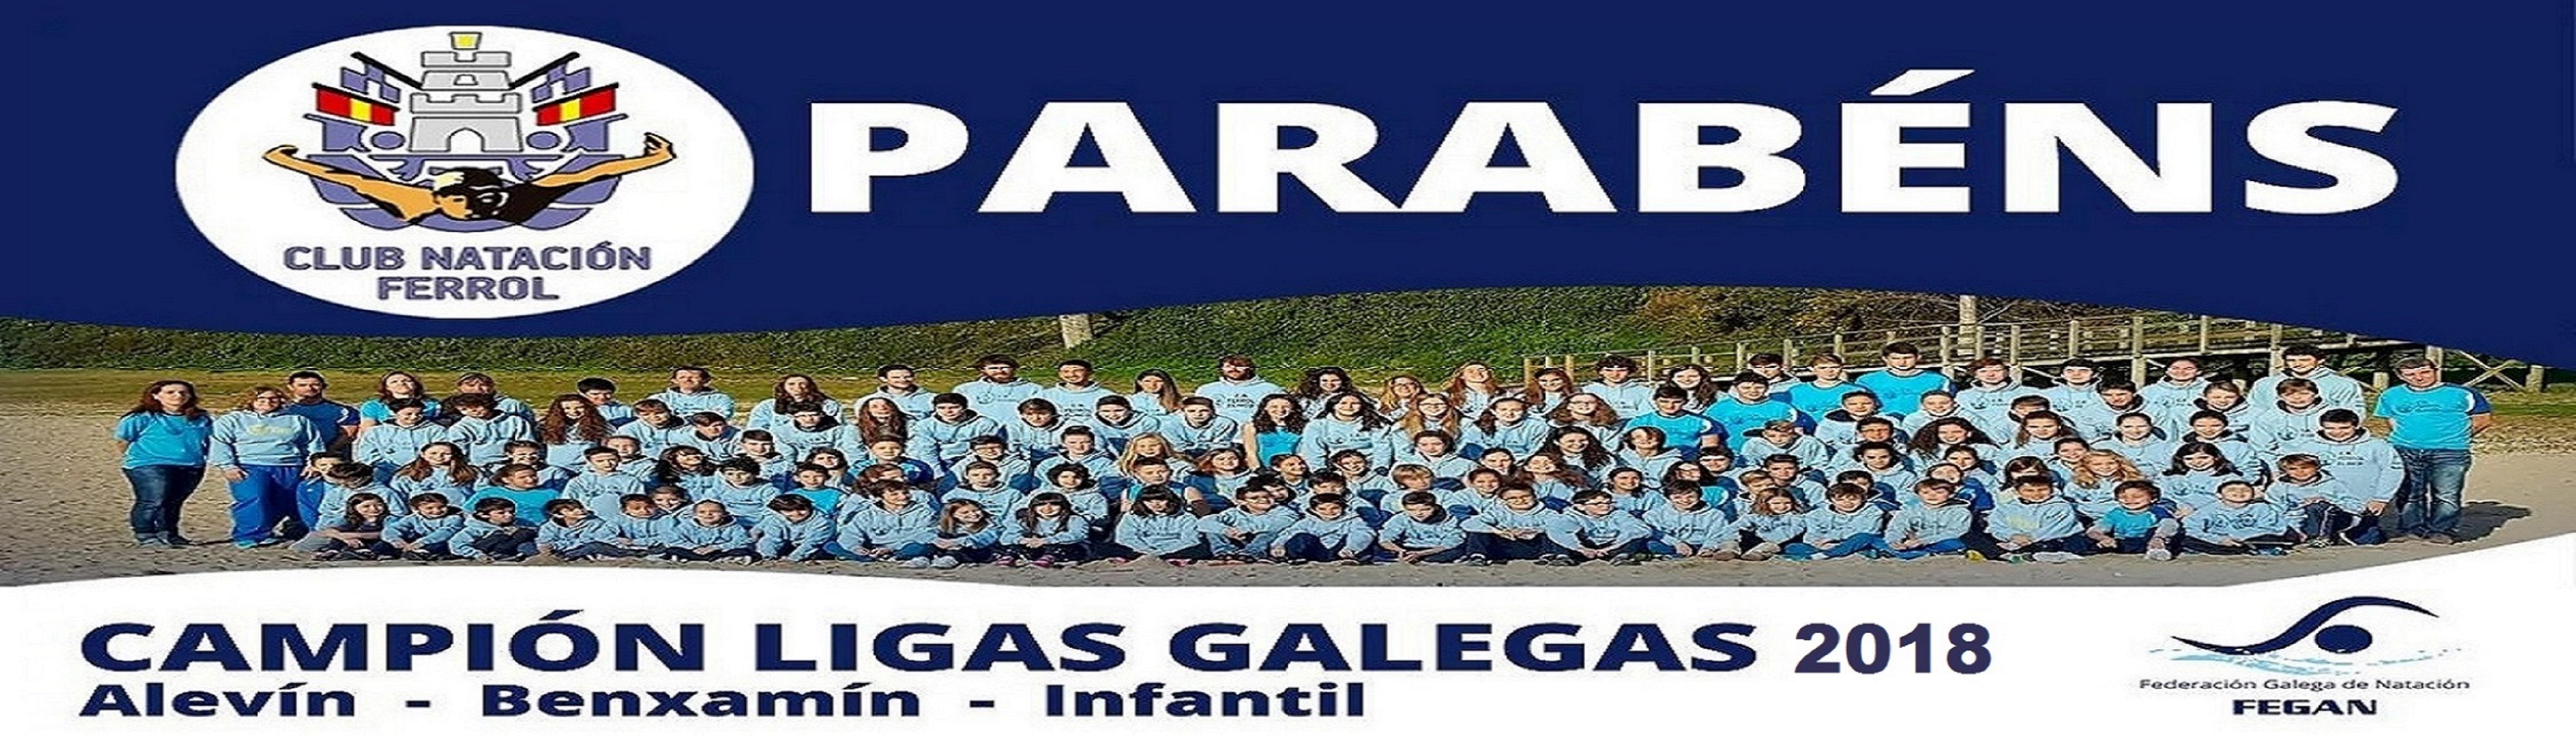 Club Natación Ferrol